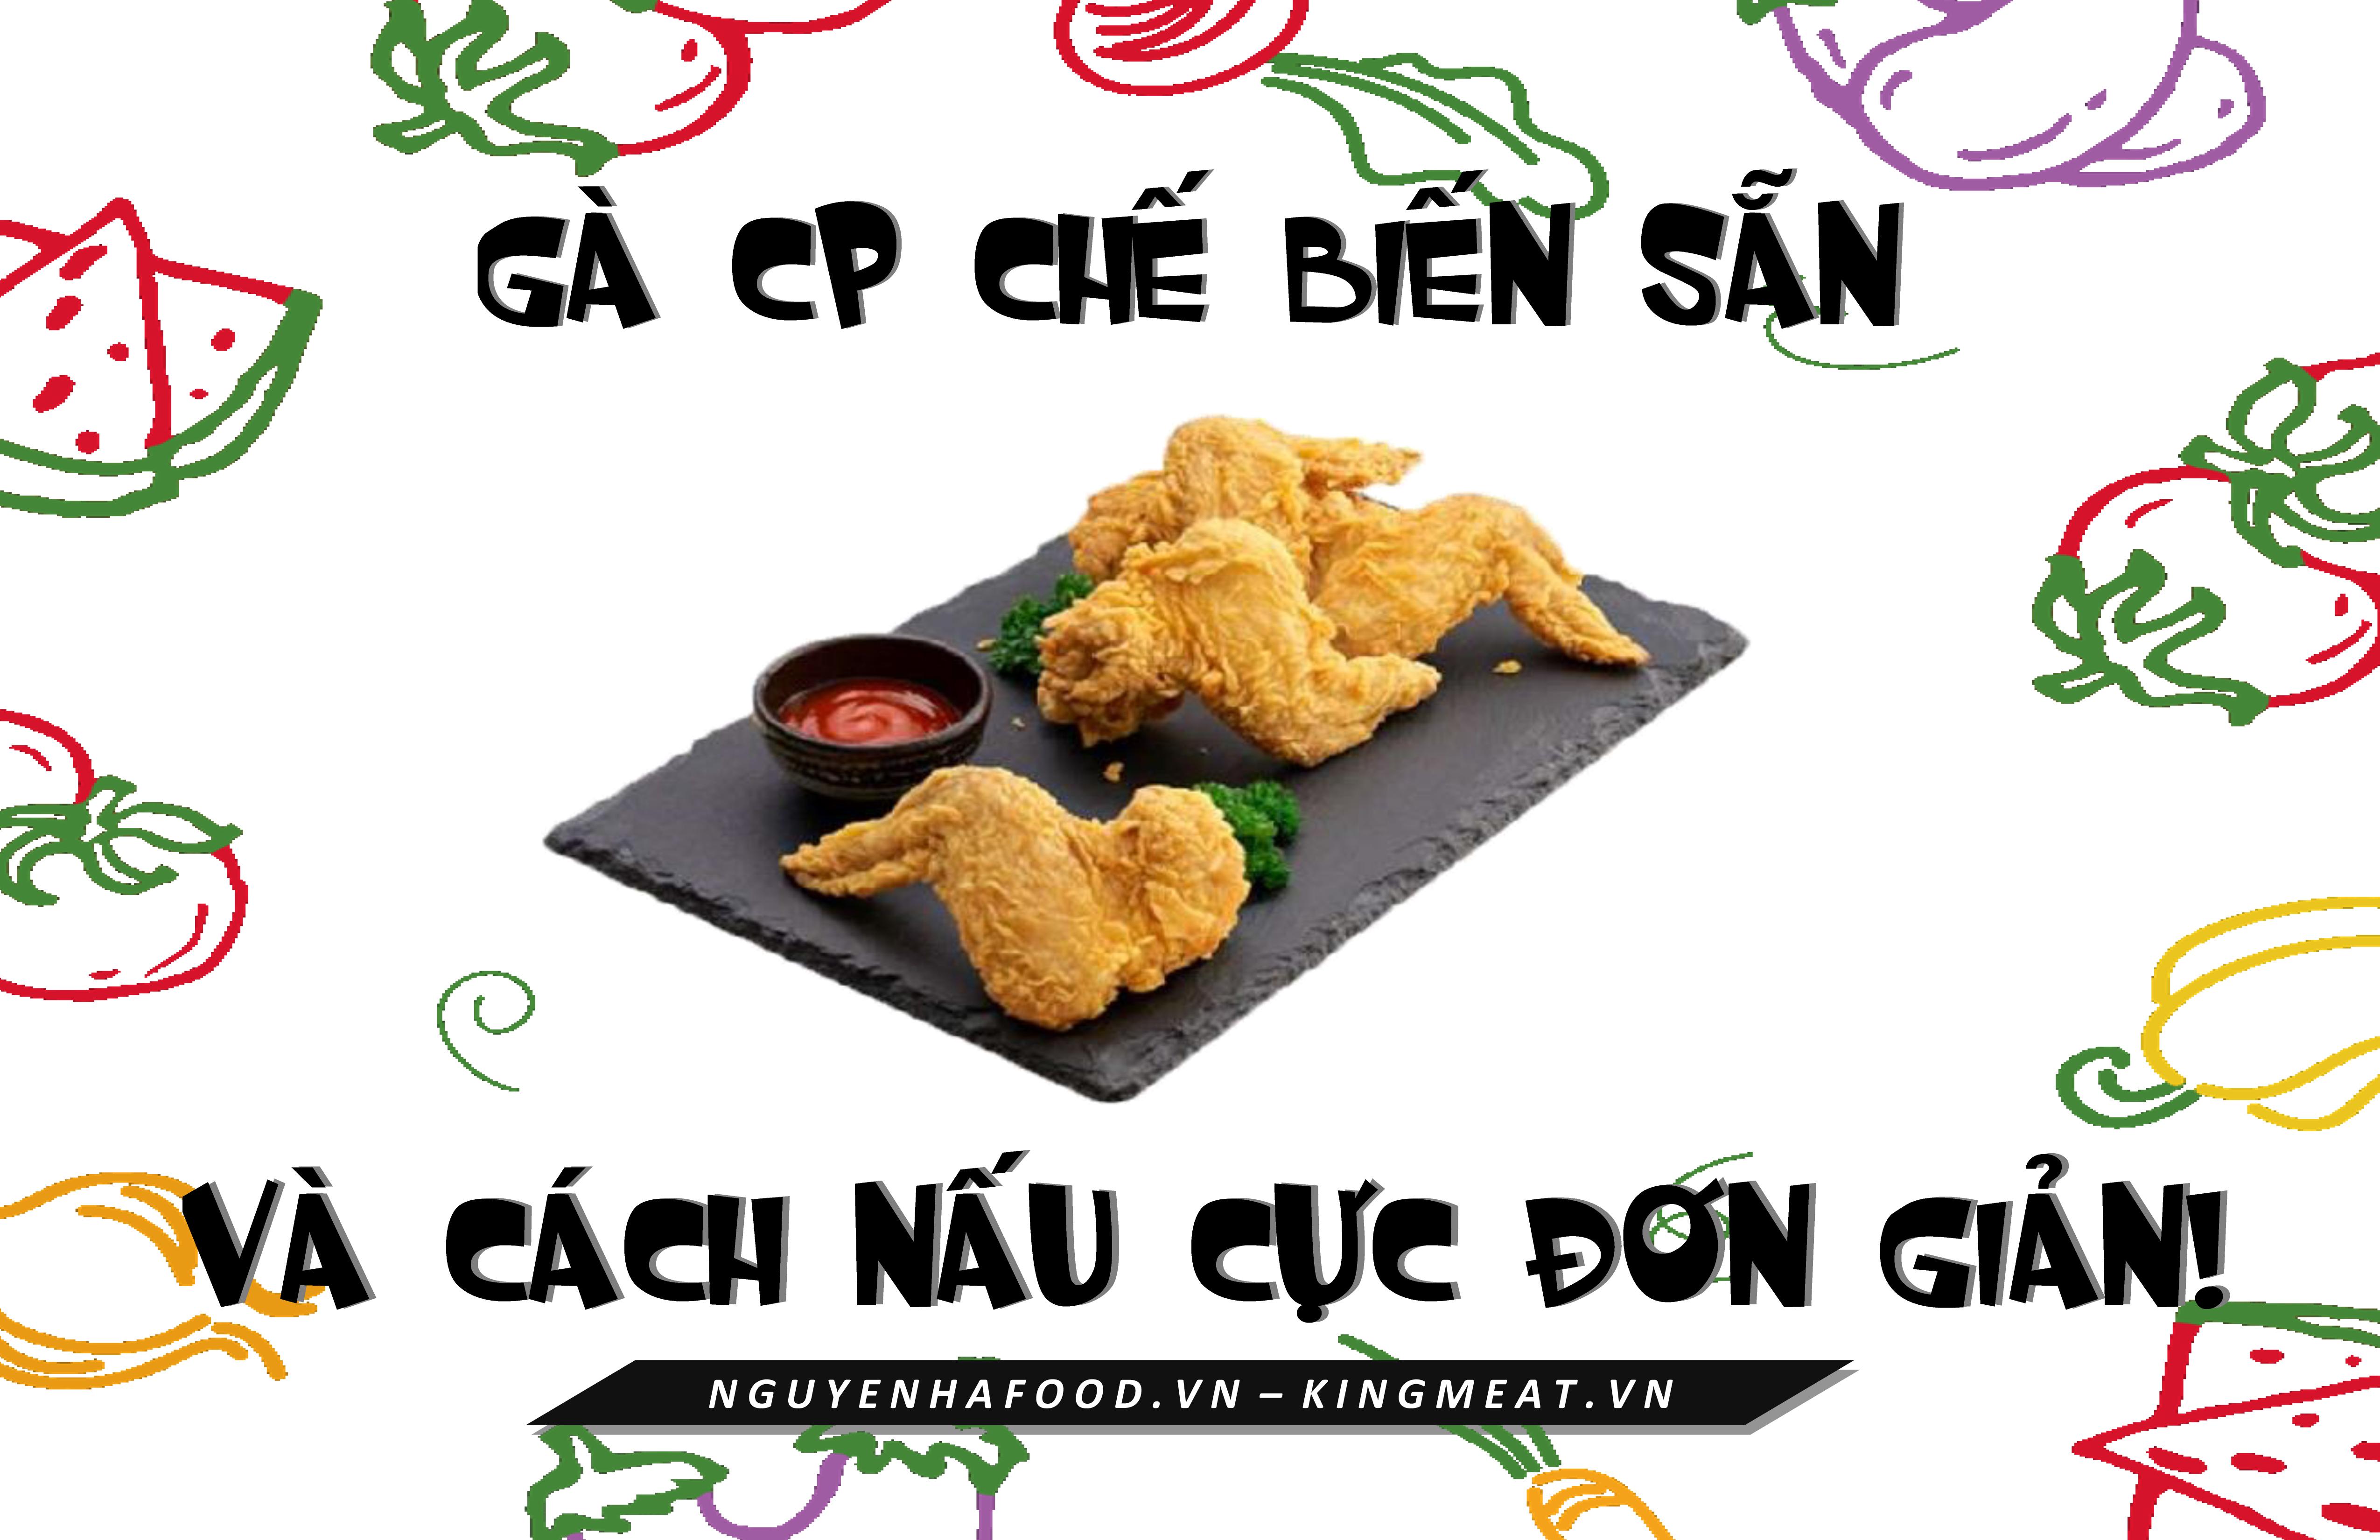 AVATAR CACH NAU GA CP CHE BIEN SAN NGUYEN HA FOOD